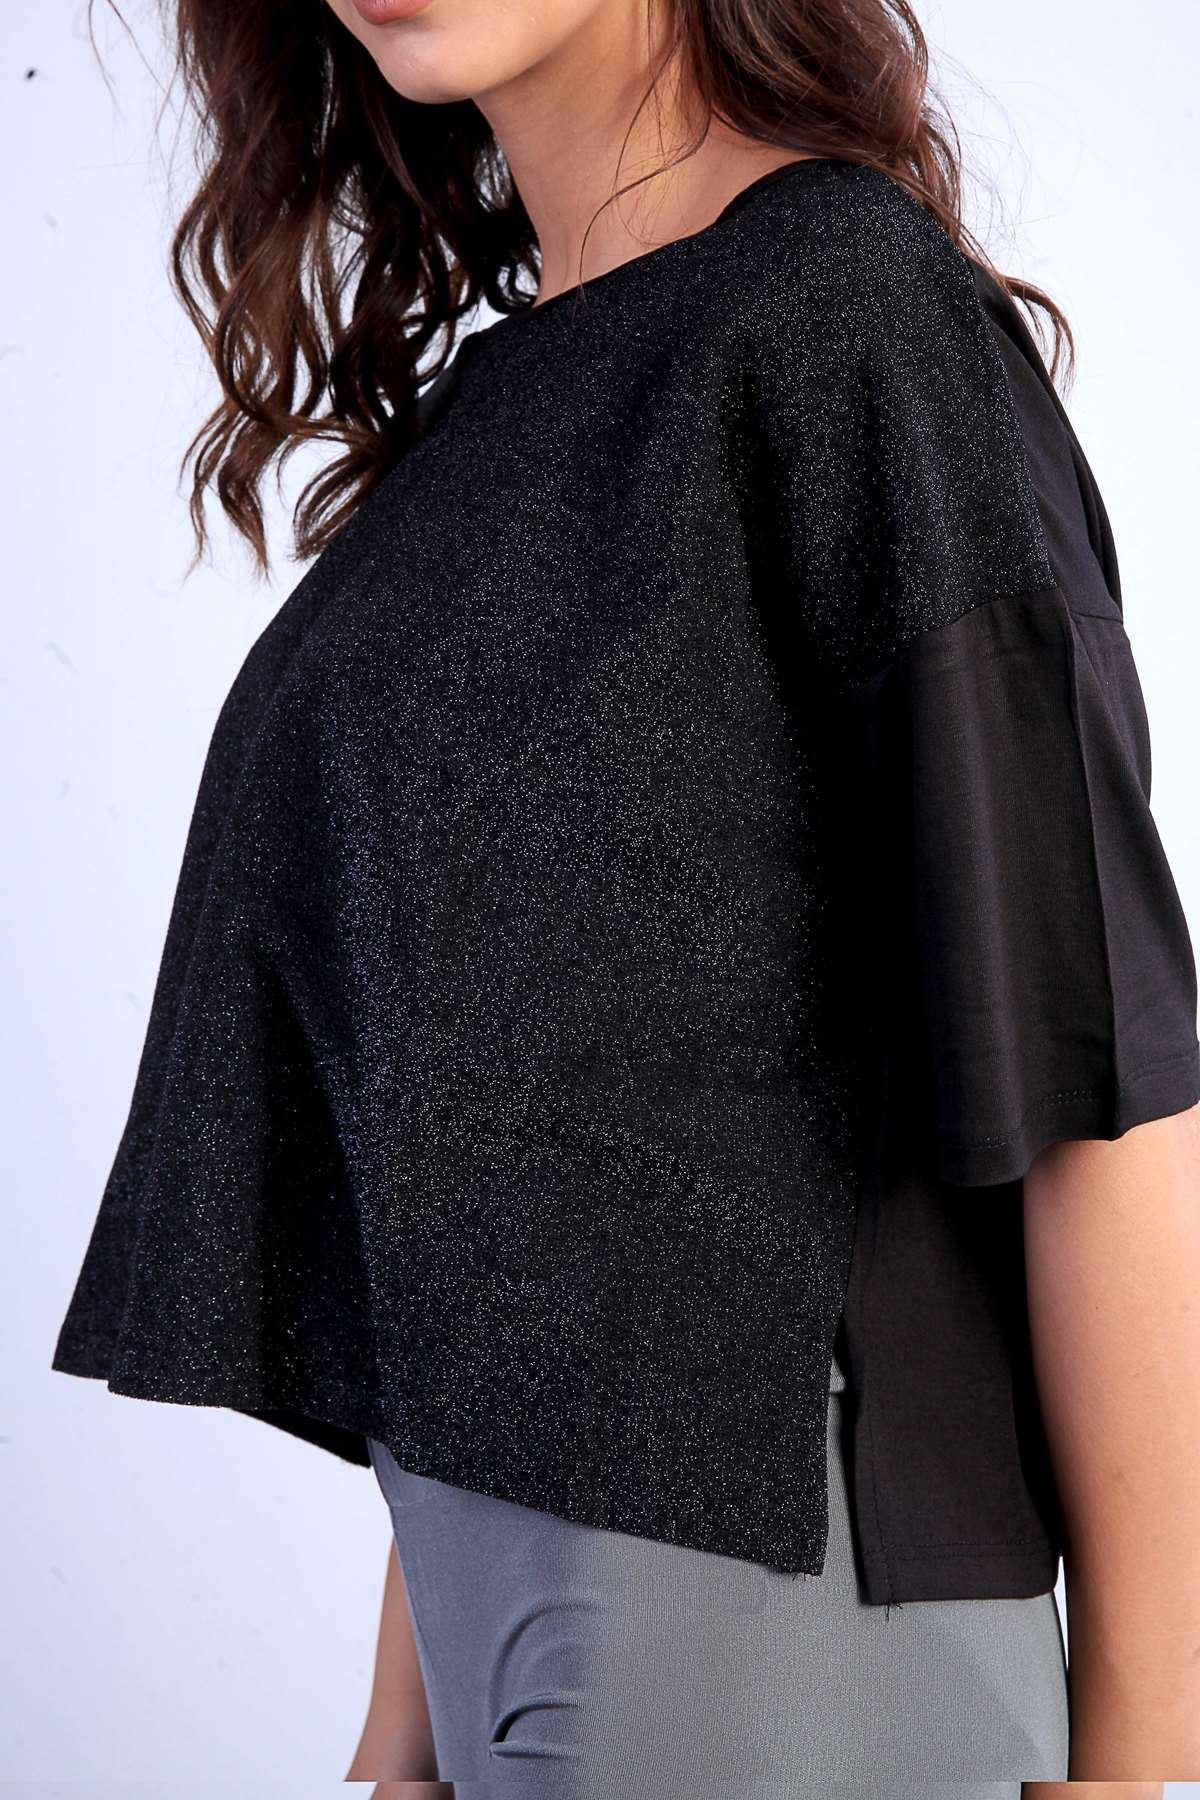 Önü Sim Detaylı Kısa Kol Salaş Sıfır Yaka Midi Bluz Siyah